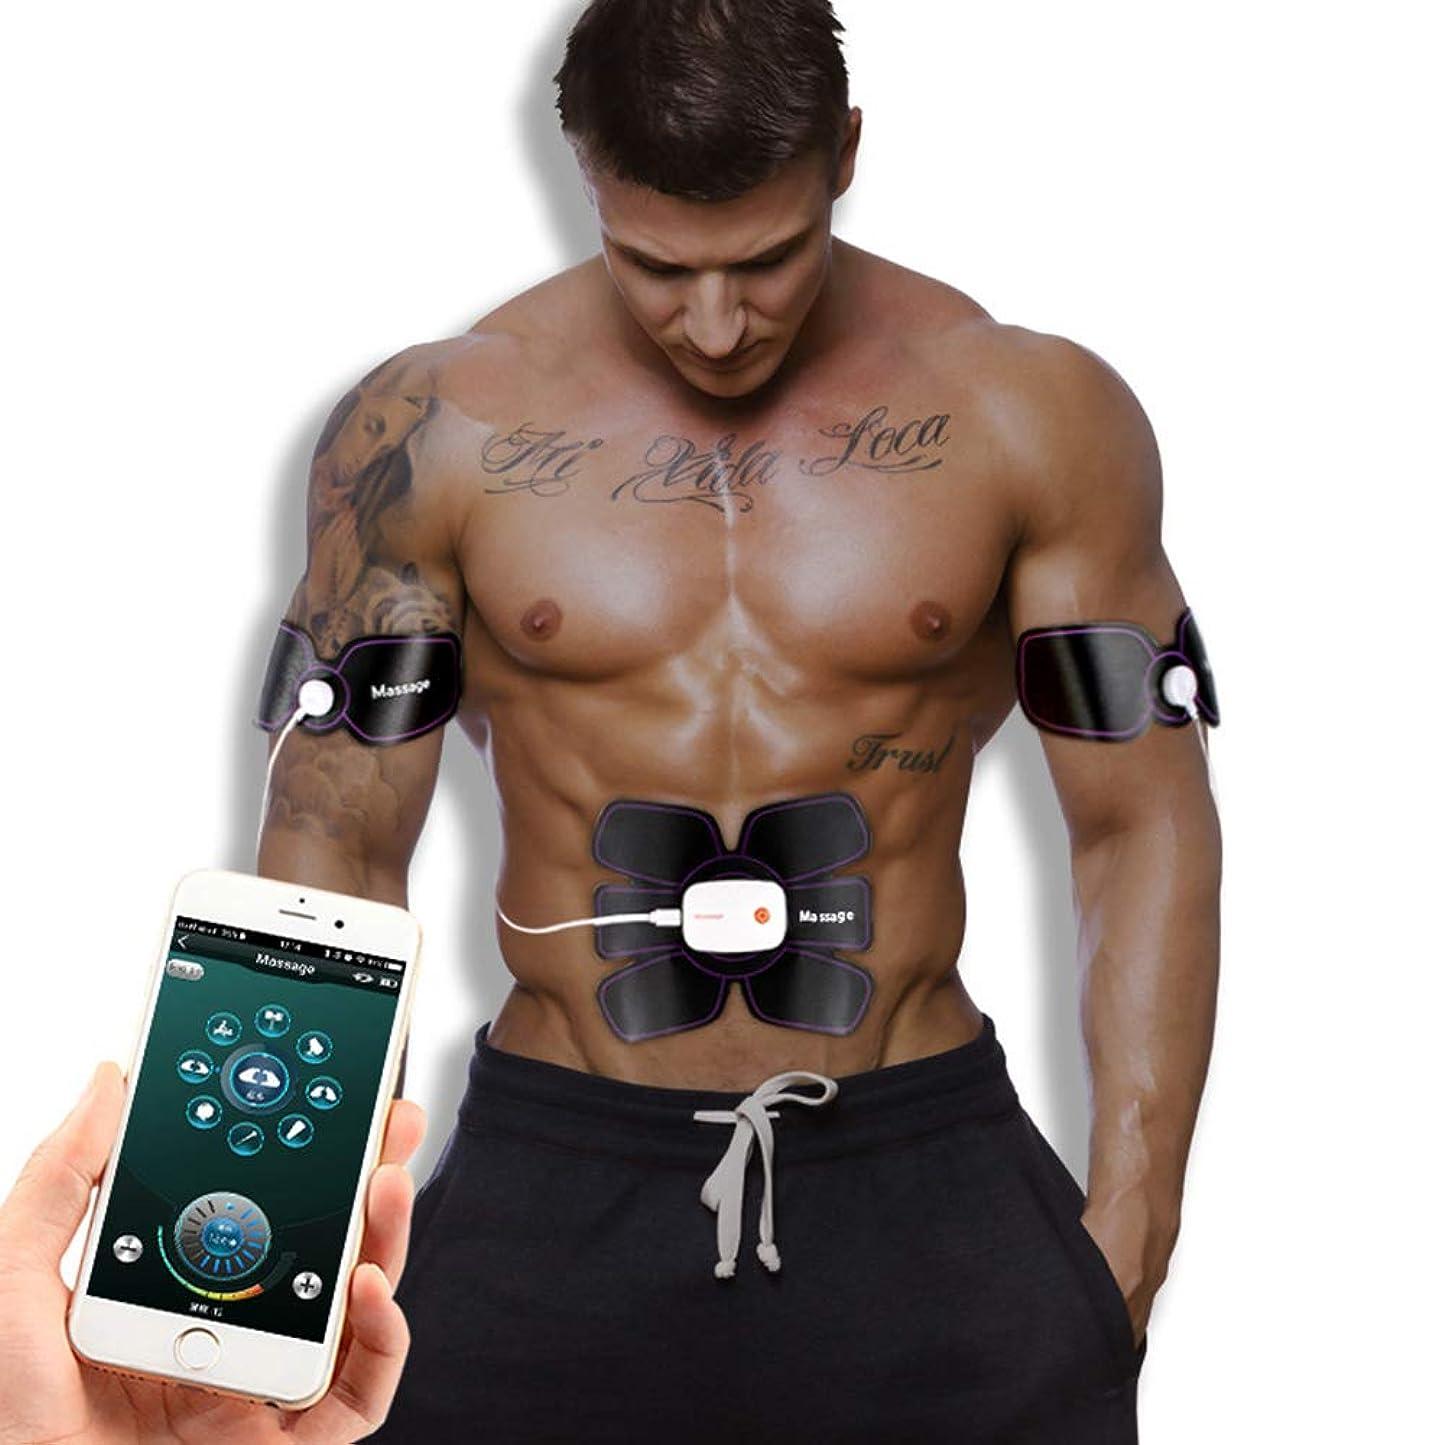 ちっちゃいオートメーション歩道スマートフォンブルートゥースAPP腹部ステッカーEMS筋肉刺激装置USB電気体重減少運動フィットネスマッサージャーユニセックスに適用IOSとAndroidシステム